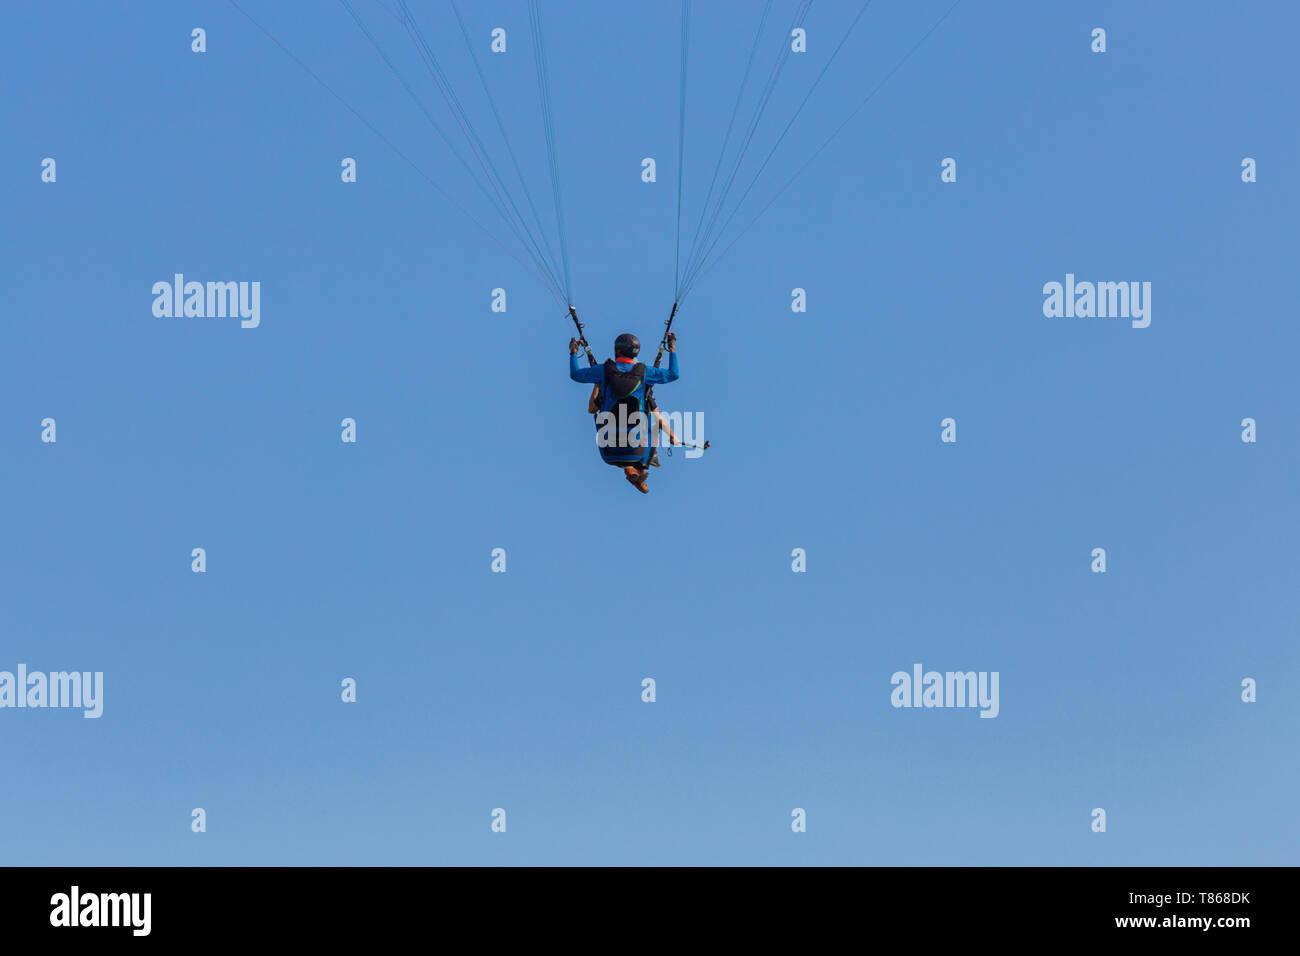 Paragliding Pilot Stock Photos & Paragliding Pilot Stock Images - Alamy